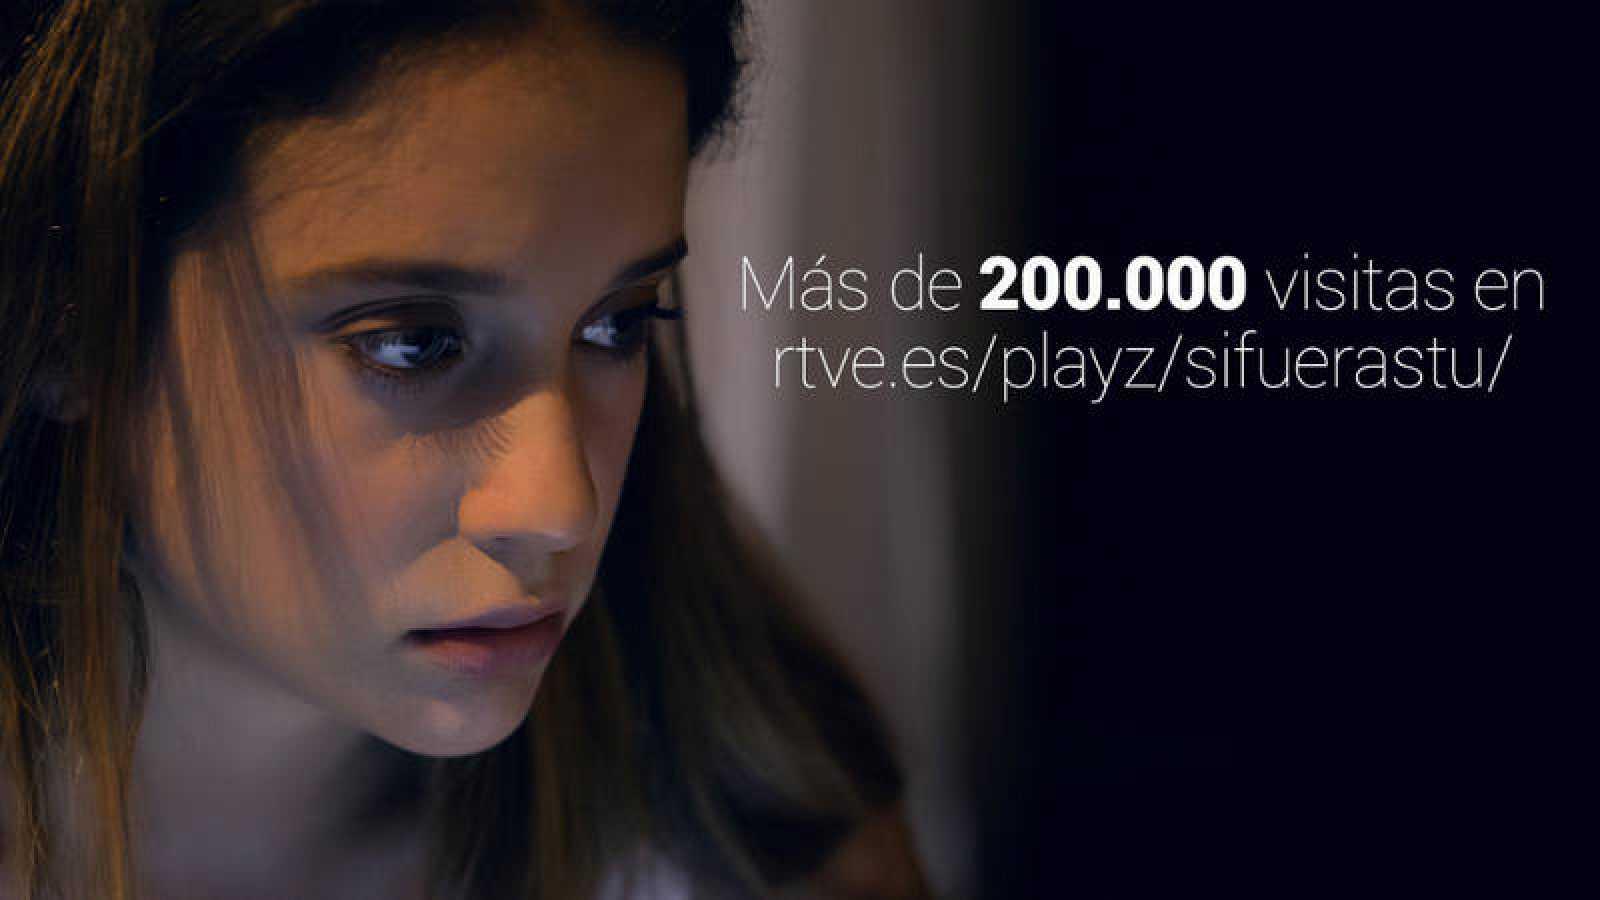 'Si fueras tú', la primera serie transmedia interactiva producida en España